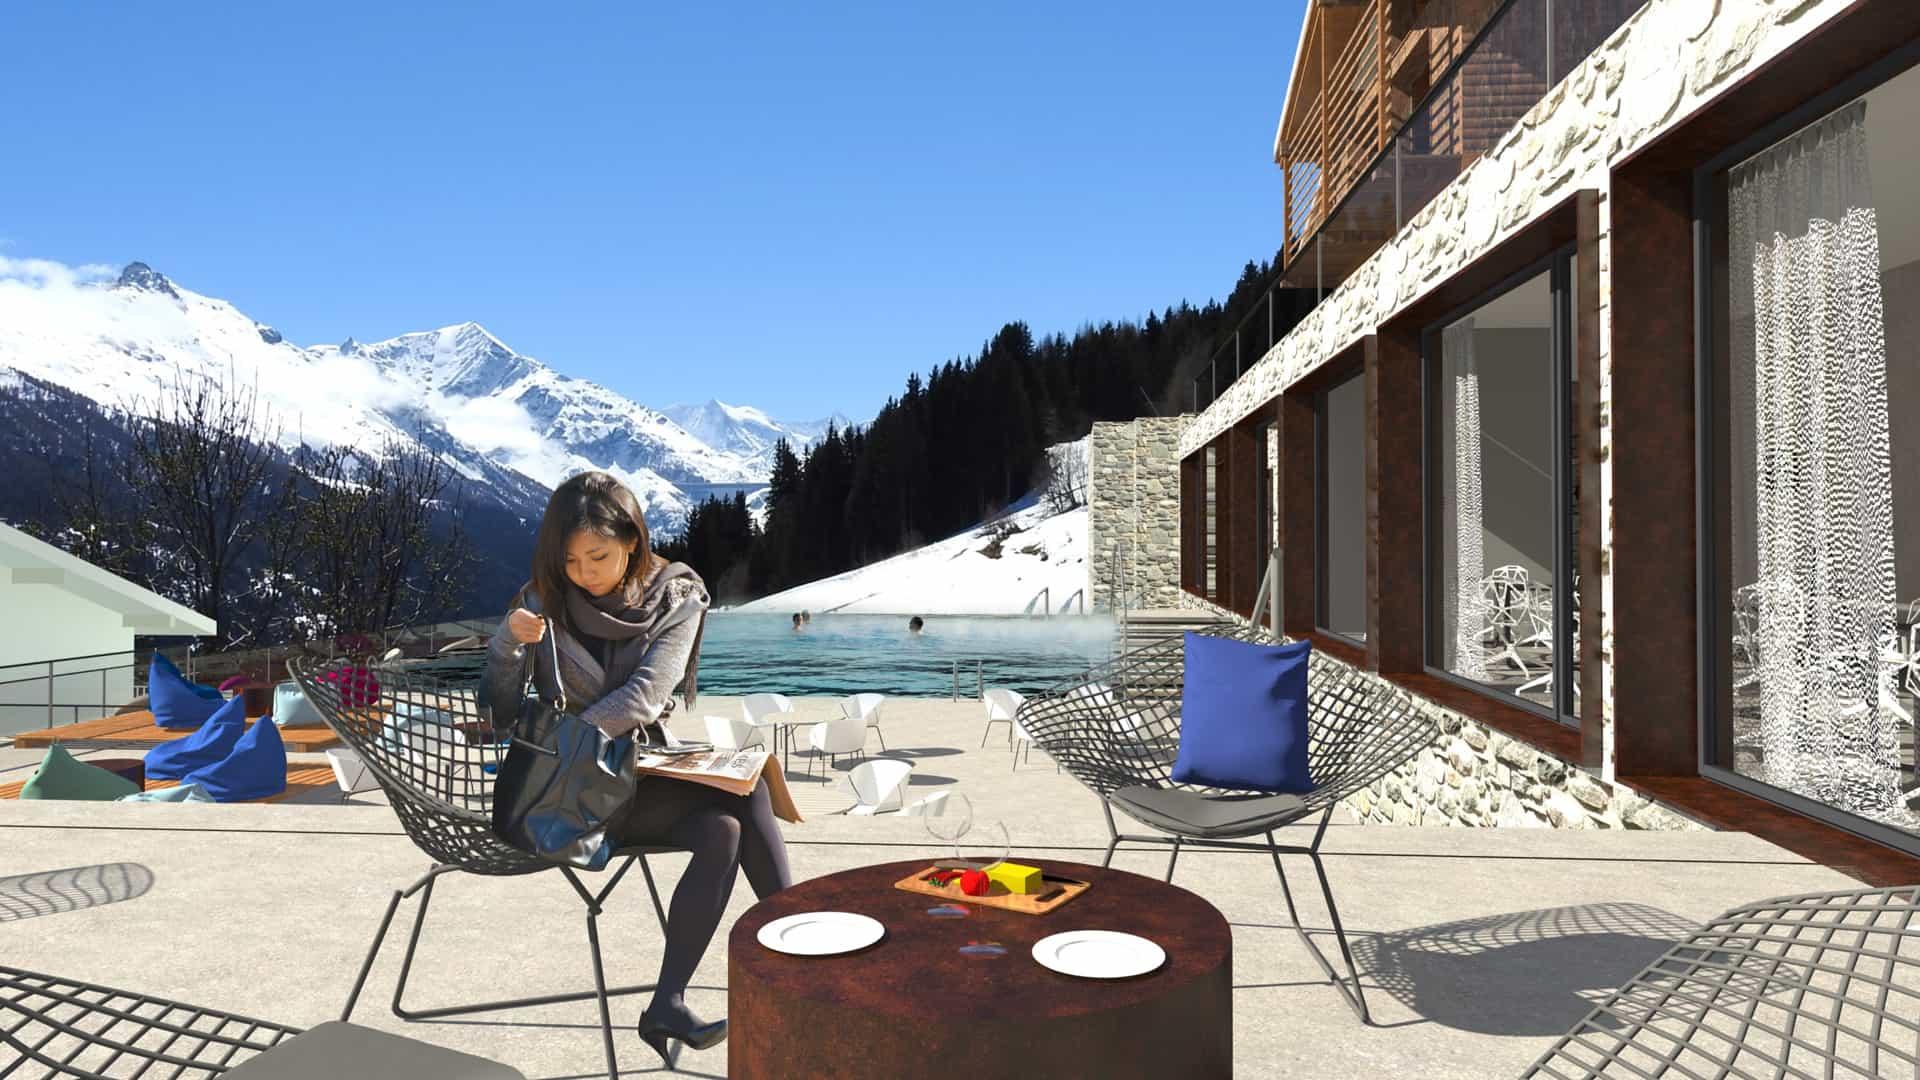 Bains thermaux et Spa en Valais, Suisse | Dixence Resort